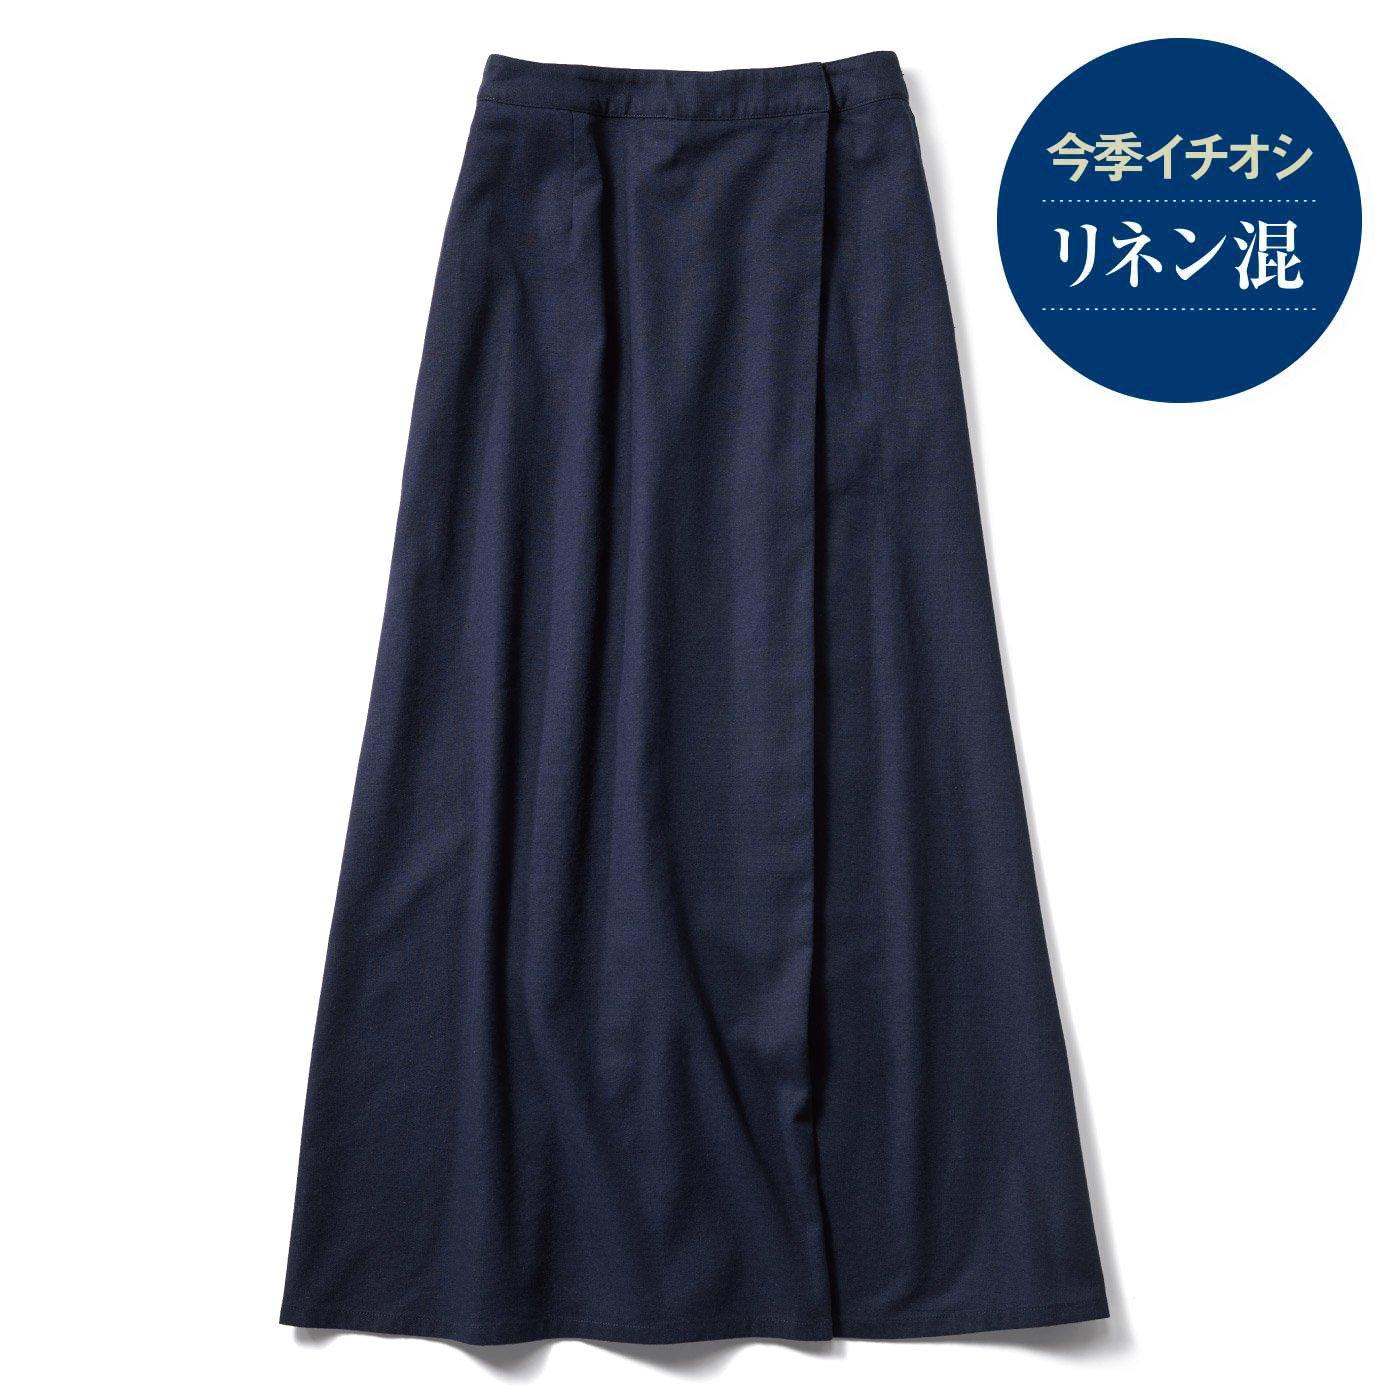 【3~10日でお届け】IEDIT[イディット] リネン混素材で上質にこなれる すっきりシルエットのラップ風Aラインロングスカート〈ネイビー〉